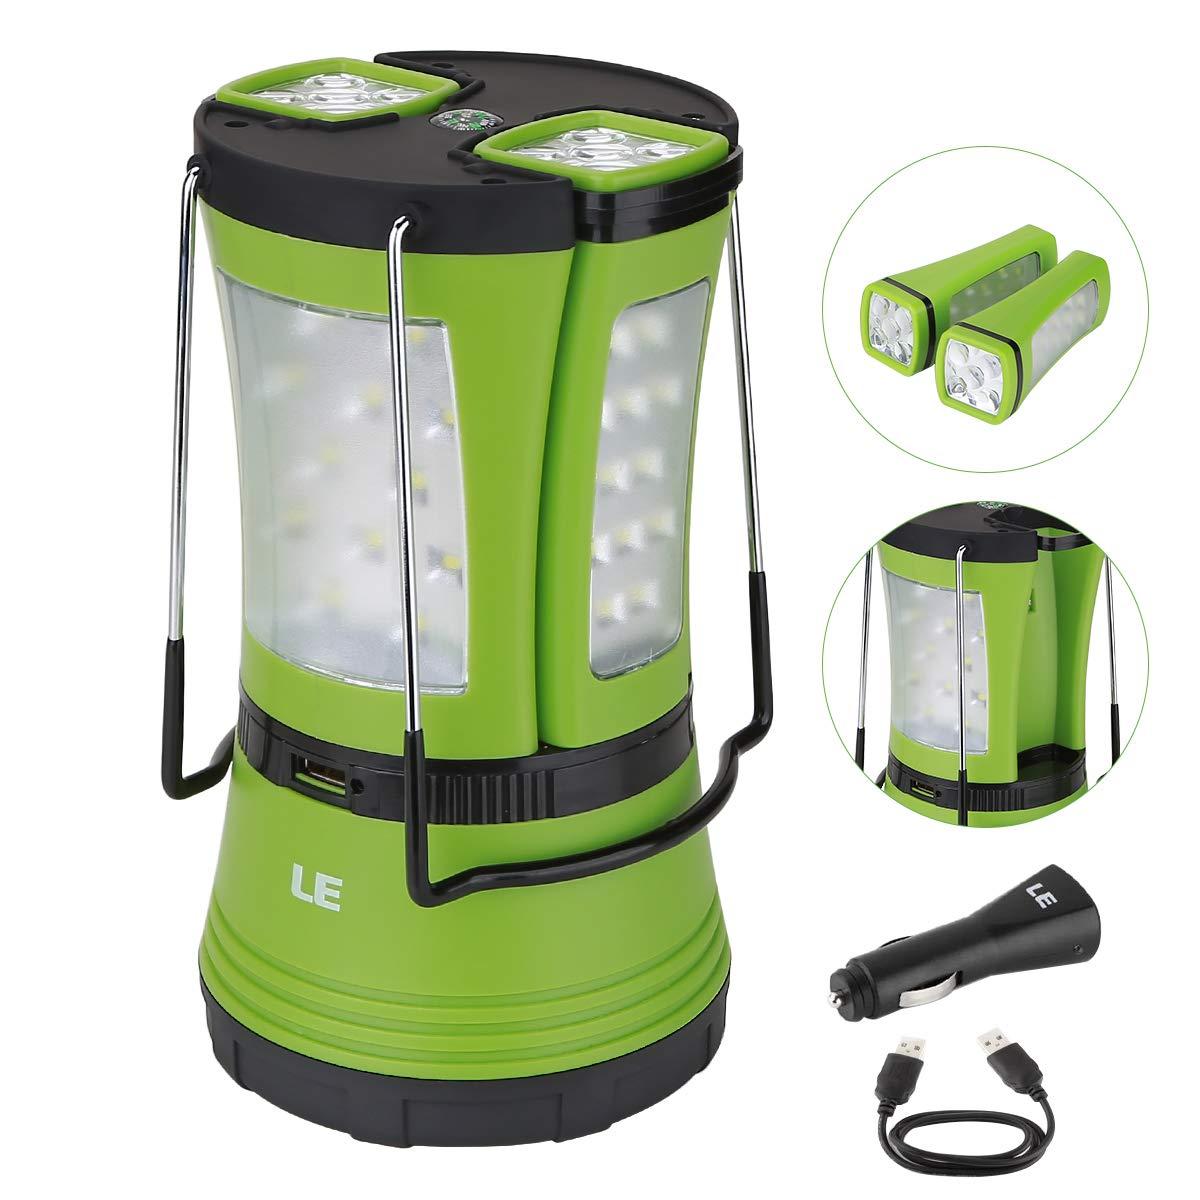 LE Farol de Camping LED USB Recargable, 600lm, con 2 Linternas Desmontables, Cargador mechero incluido, Resistente al agua